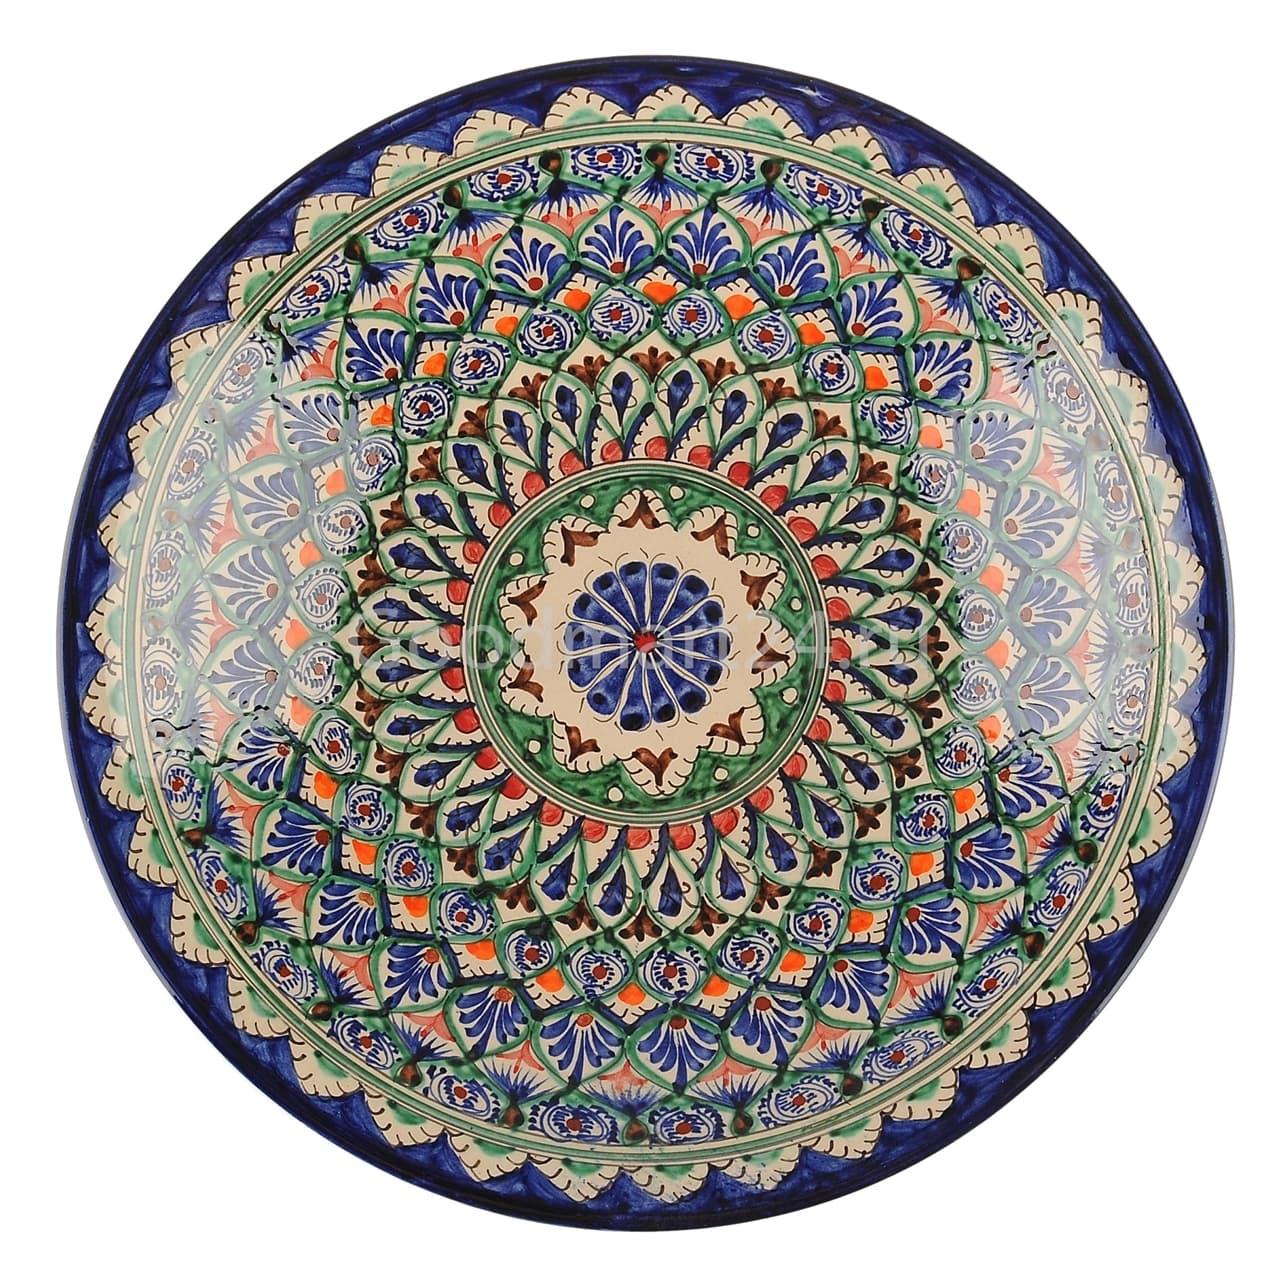 Ляган Риштанская Керамика 34 см. плоский, синий - фото 7320